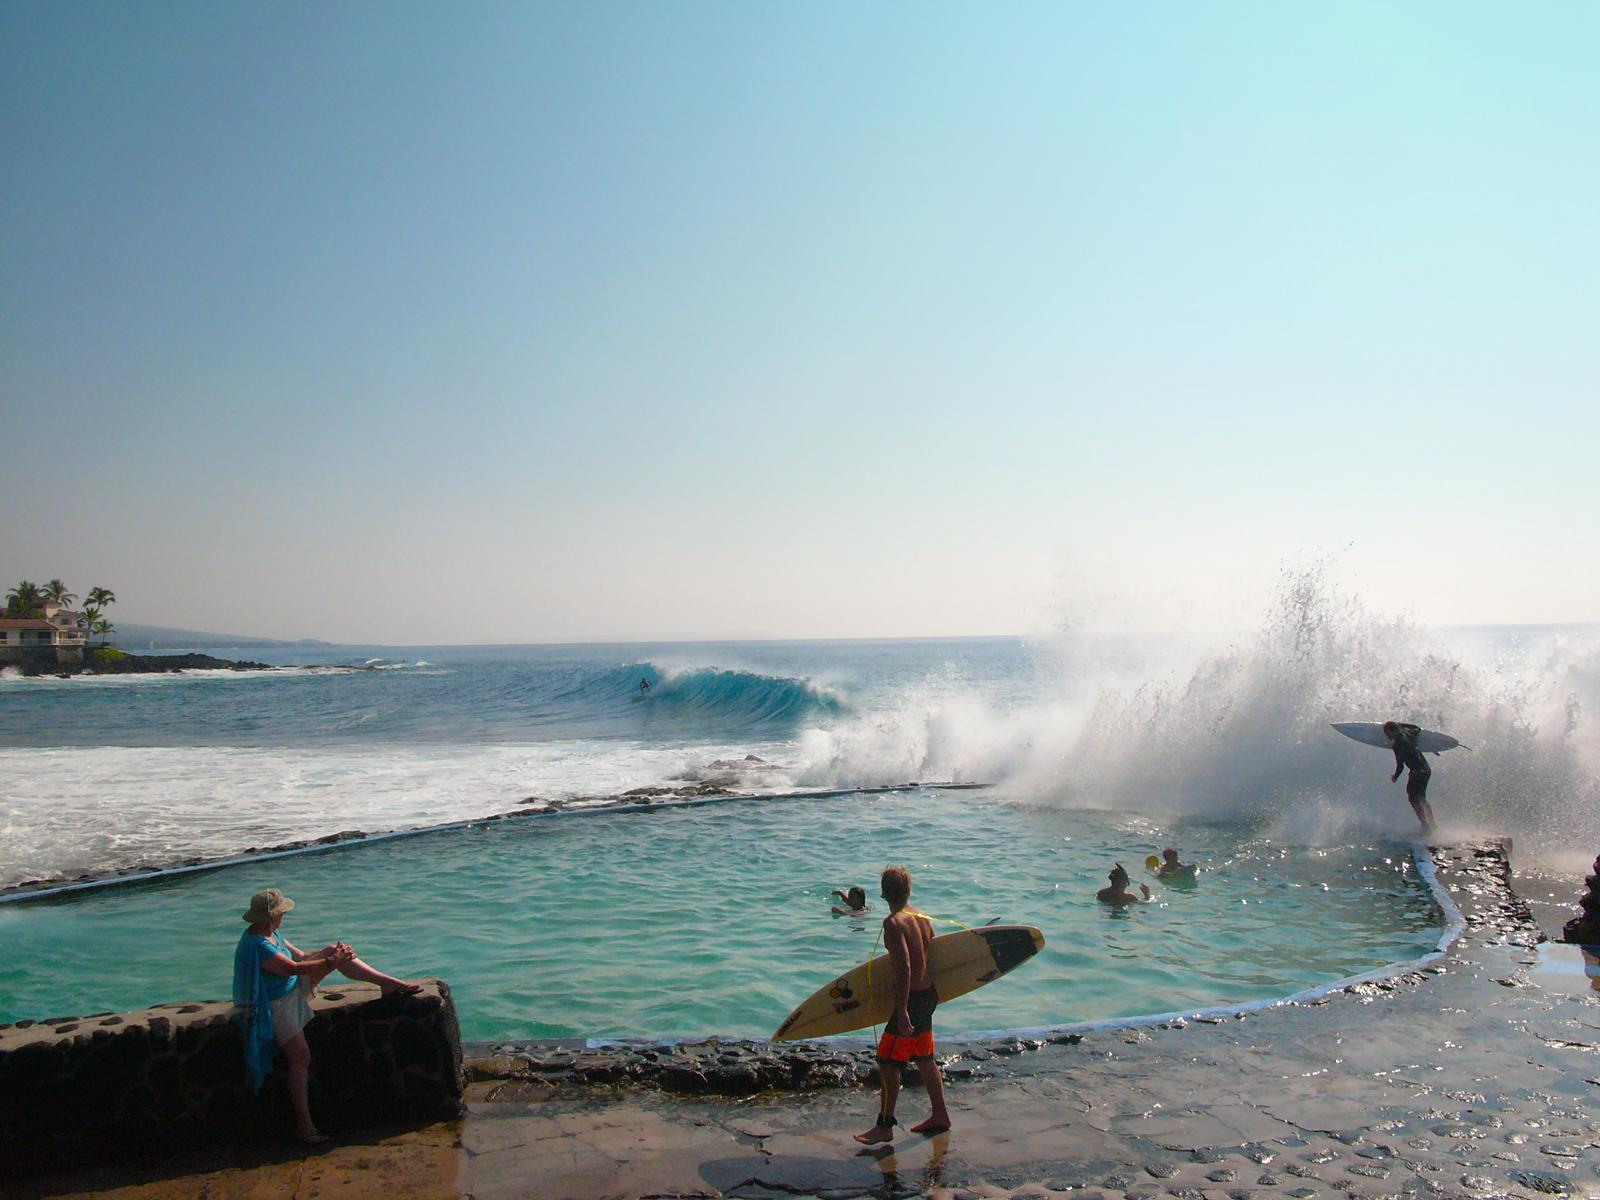 KonaSaltwaterPool-surfers.jpg